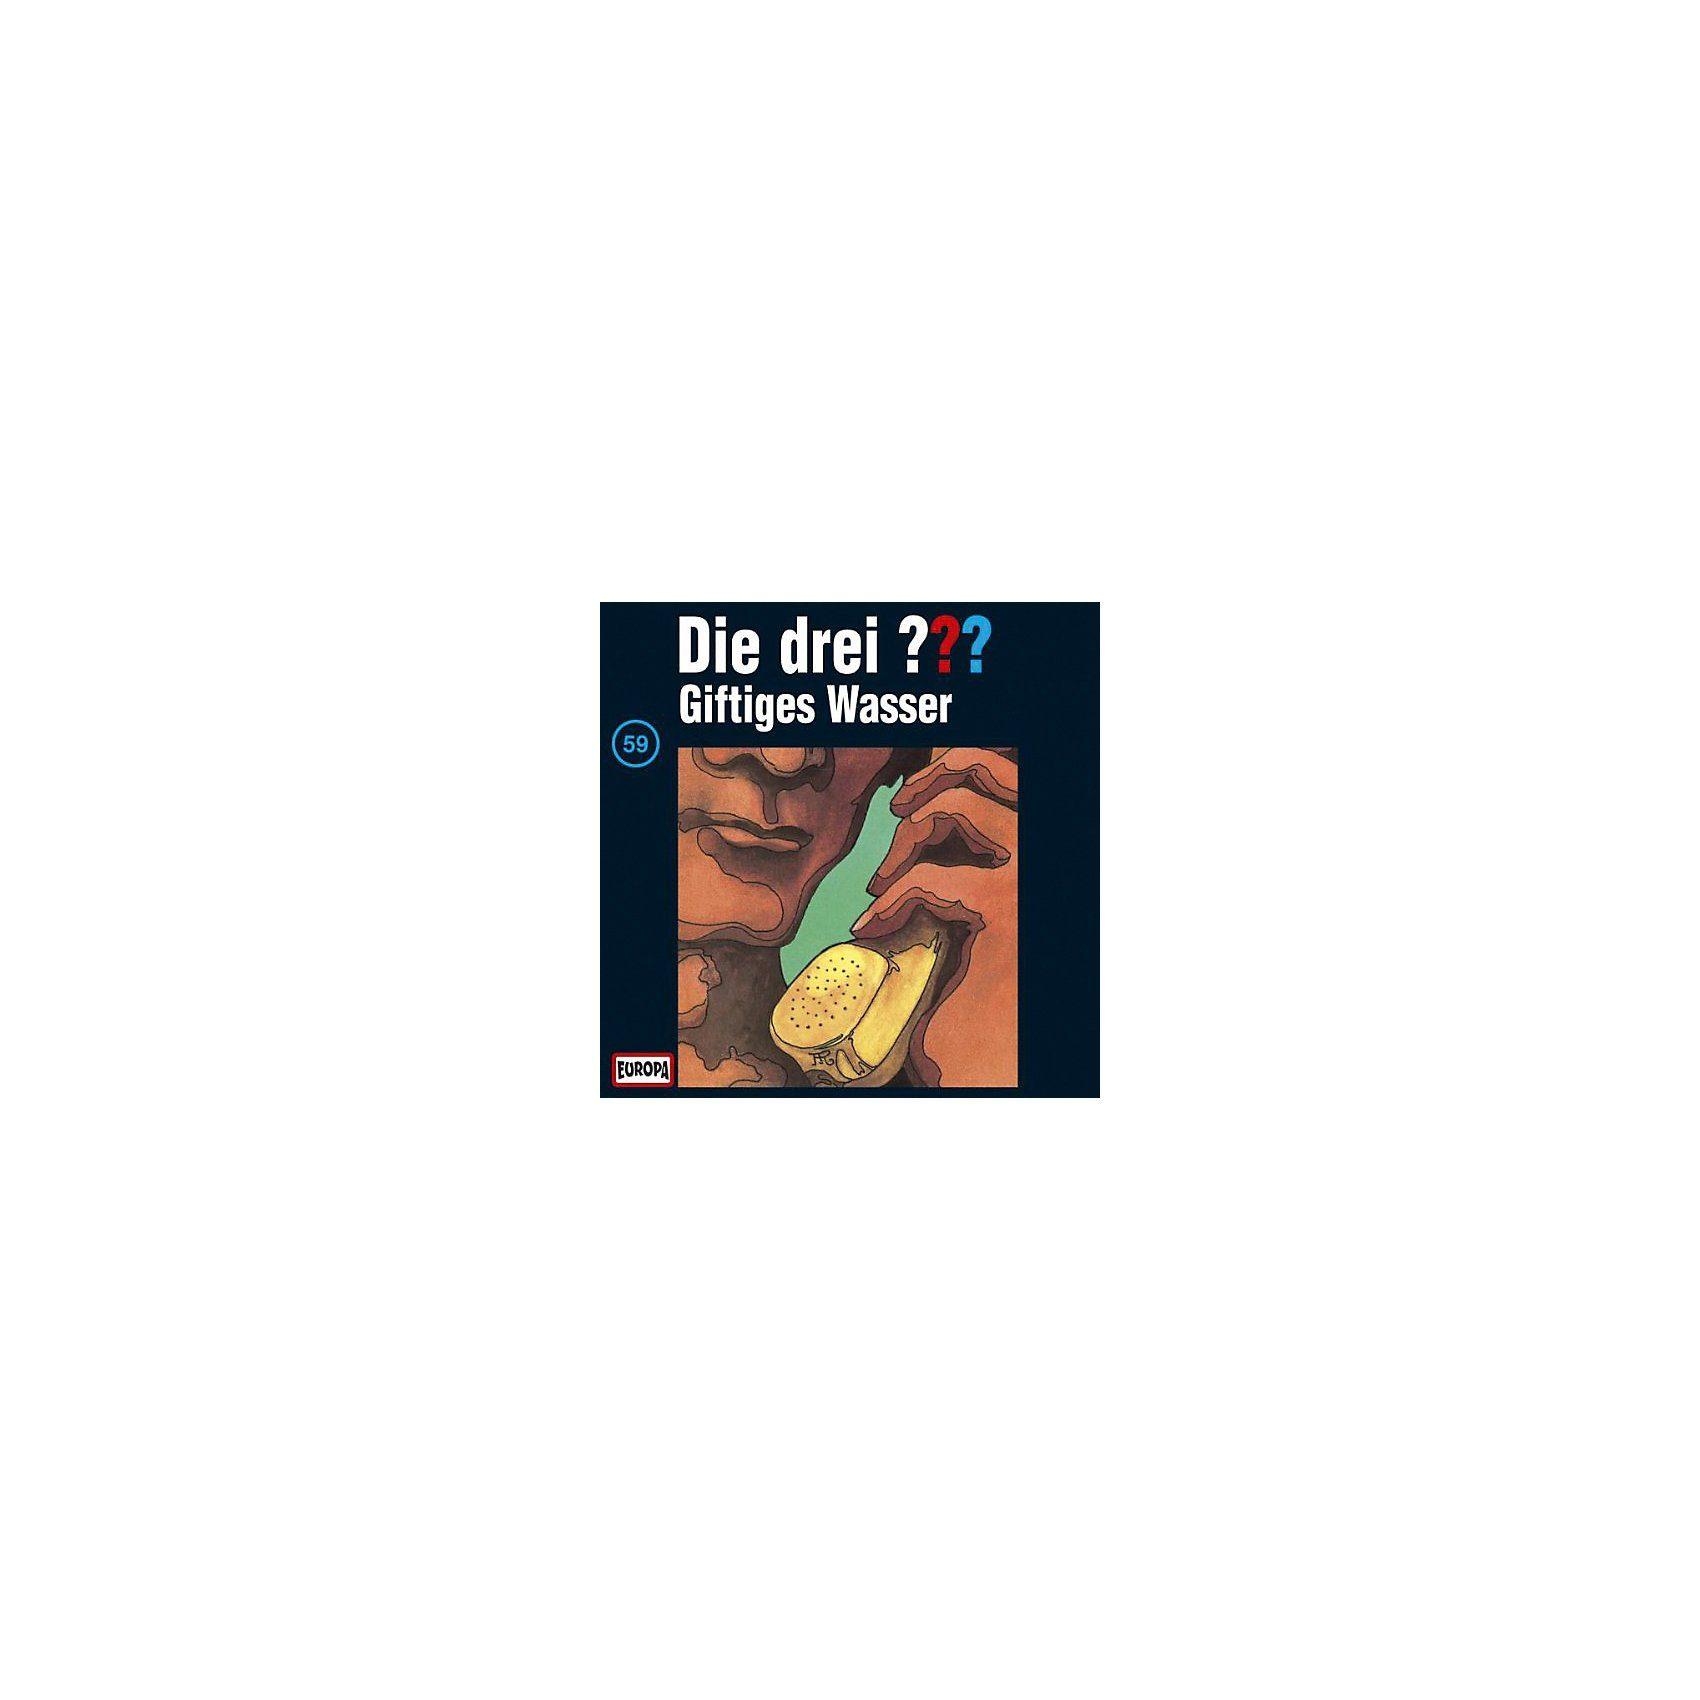 SONY BMG MUSIC CD Die drei ??? 59